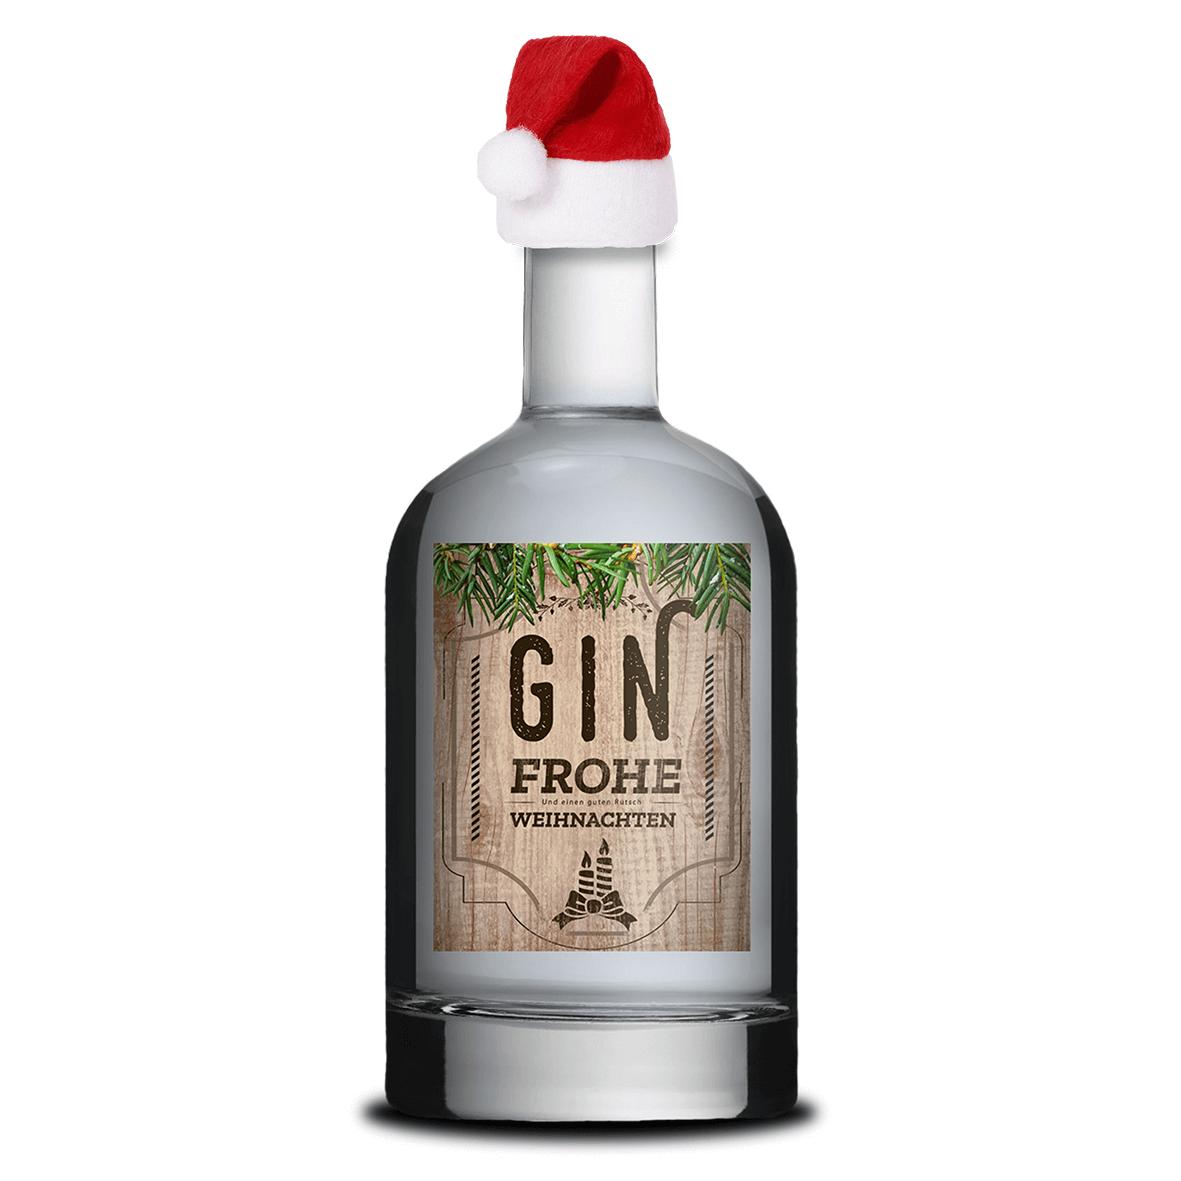 2 weihnachten 1 gin 2